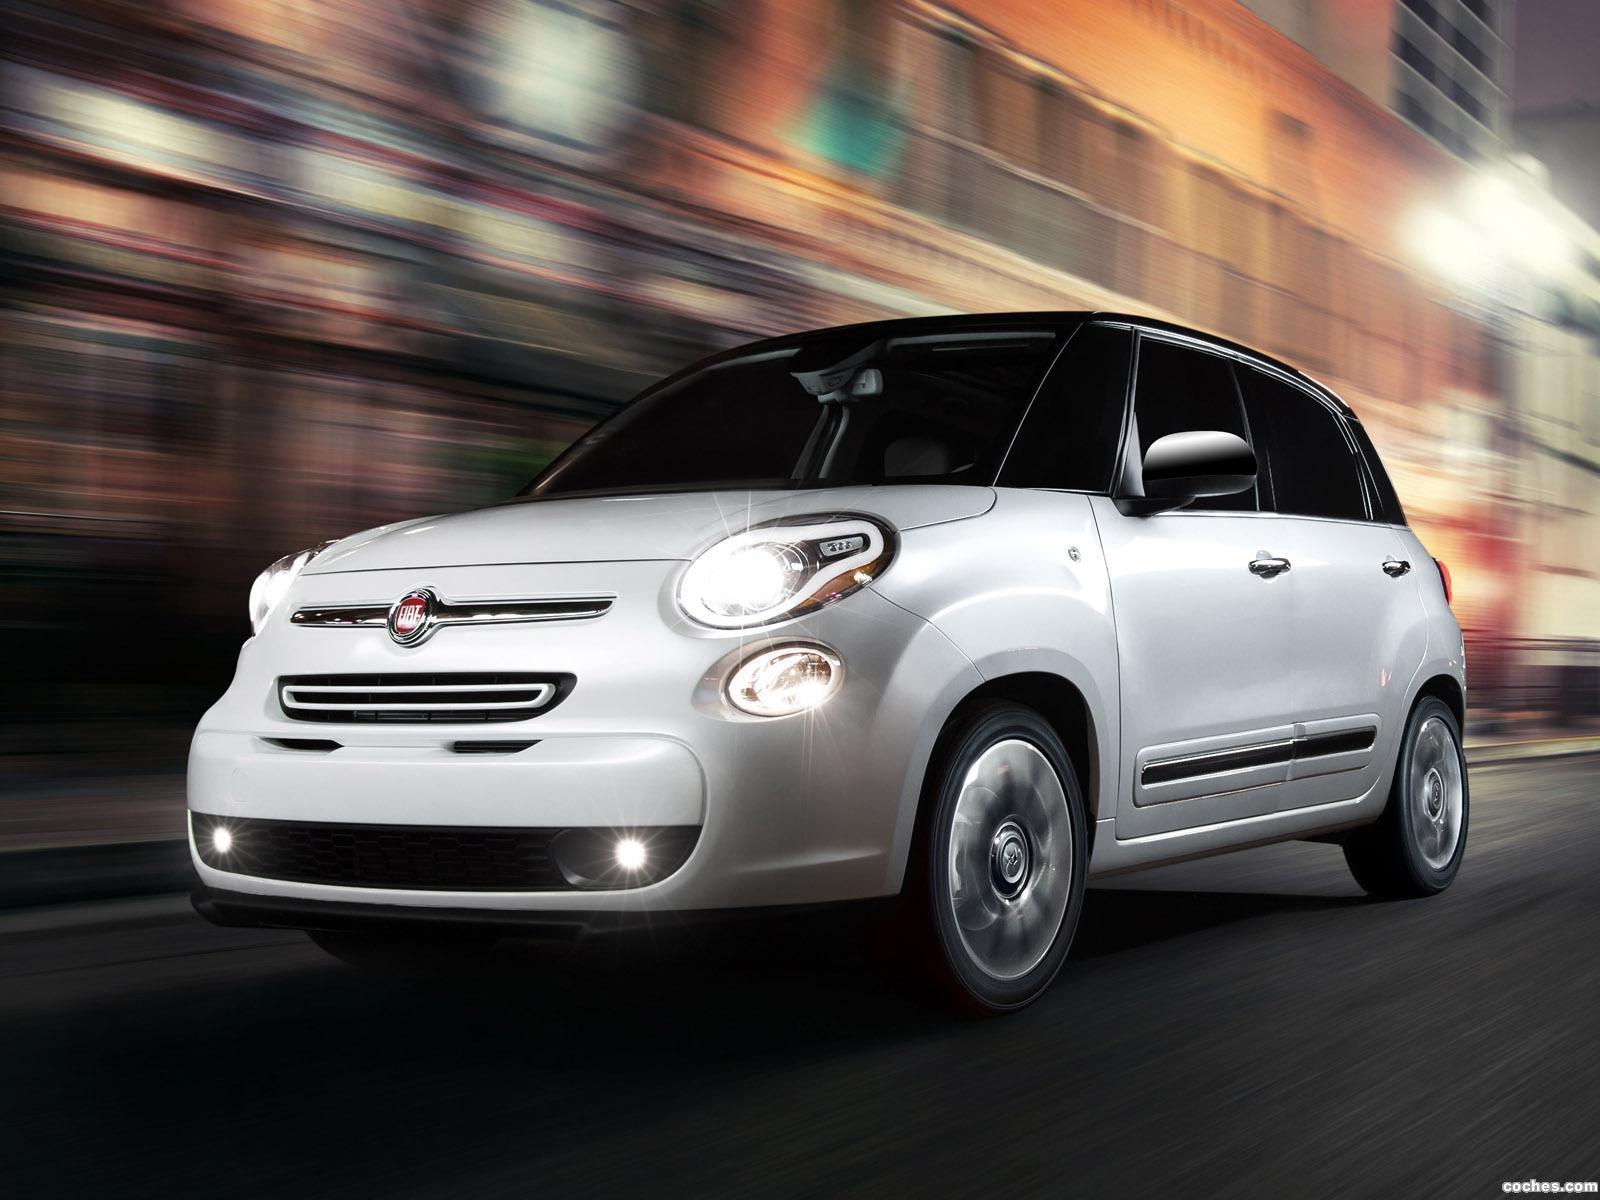 Foto 0 de Fiat 500L Lounge USA 2013